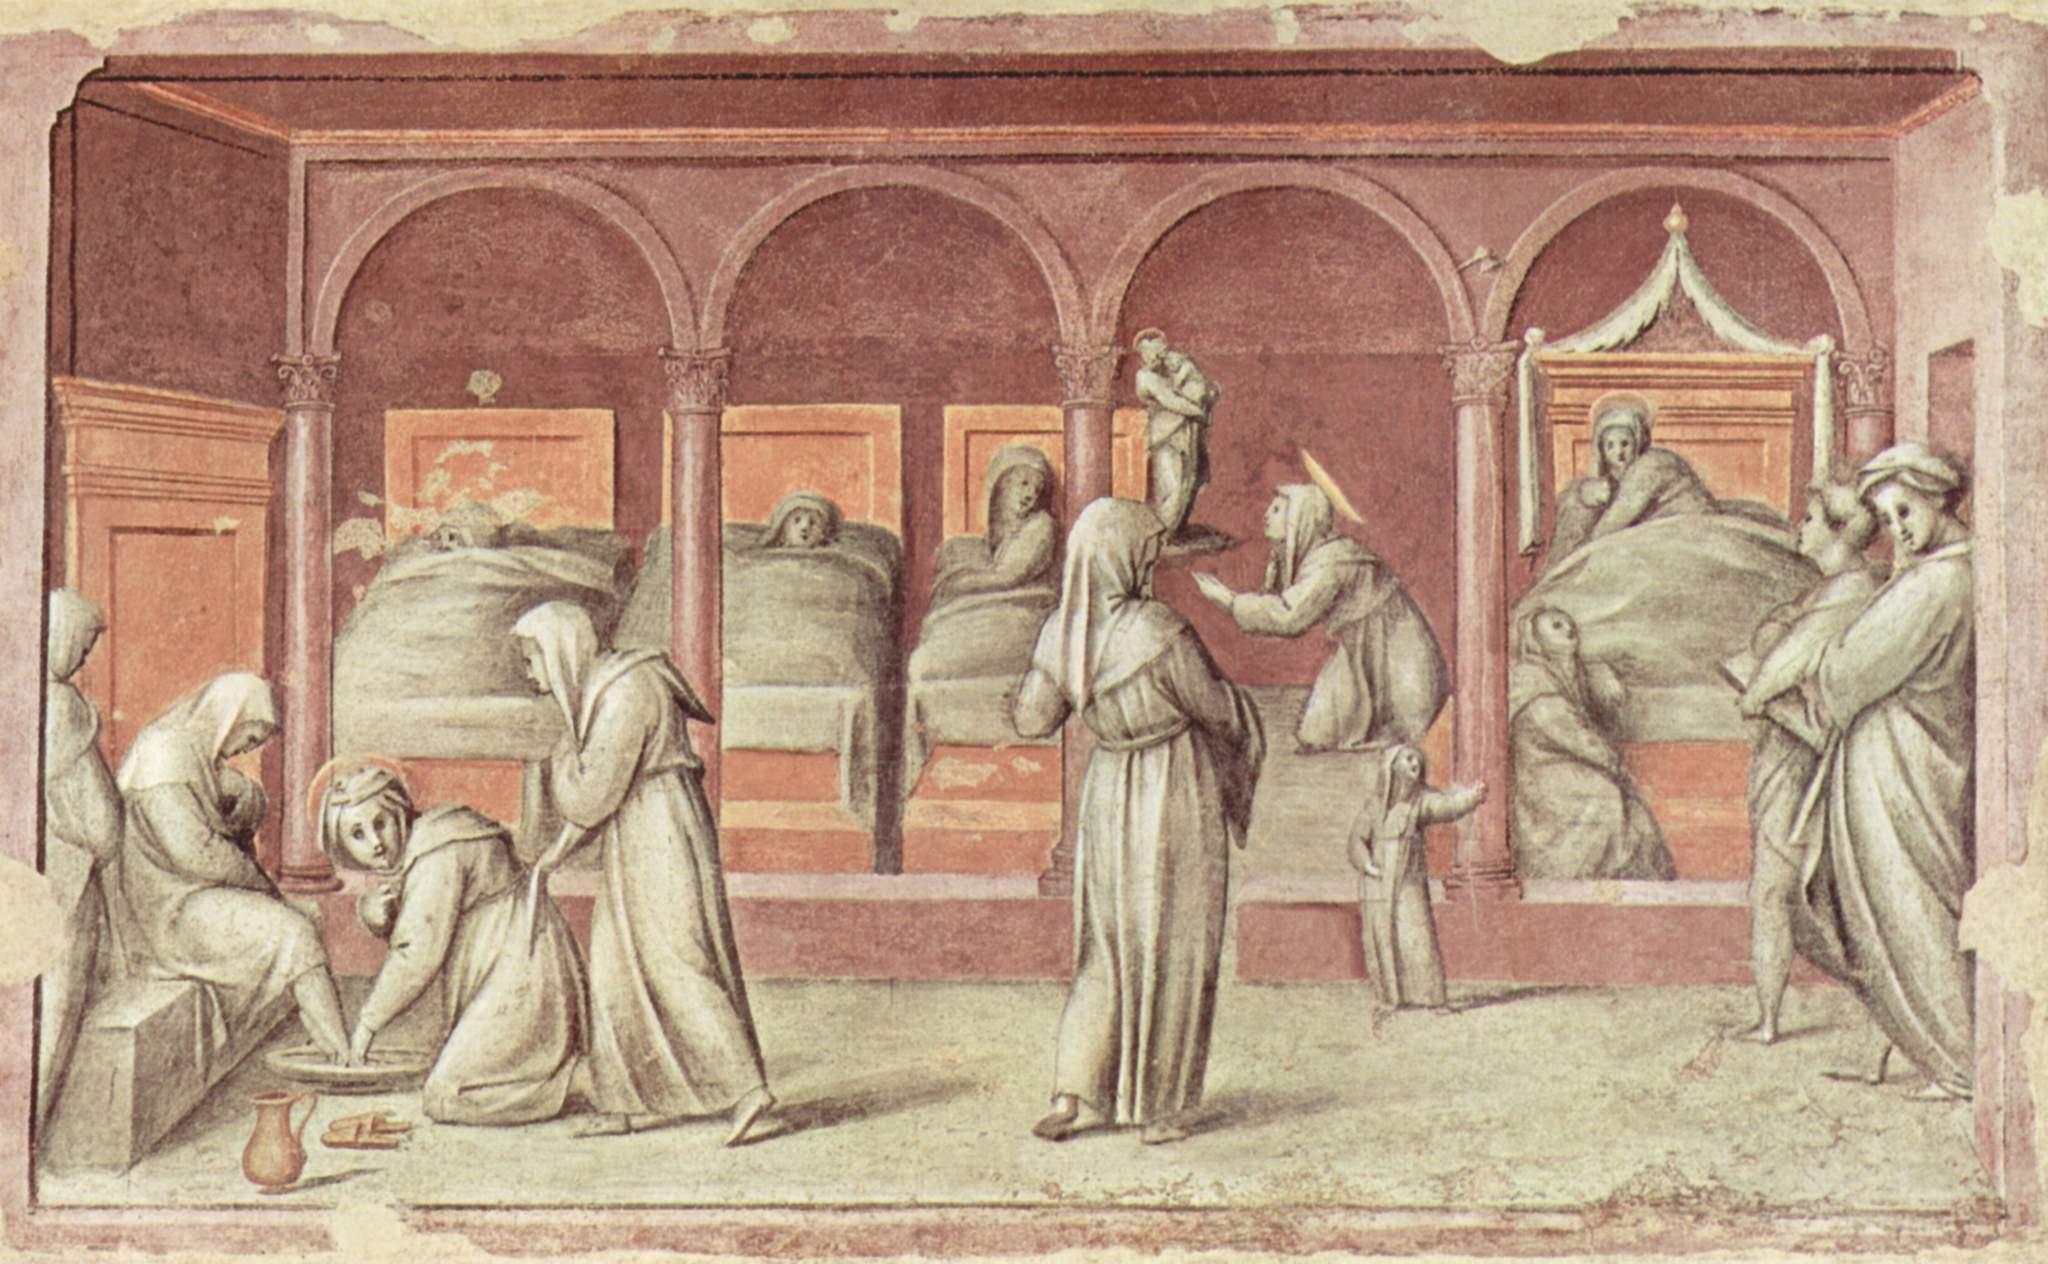 Firenze | Galleria dell'Accademia | Pontormo (1494–1557), Episodio di vita ospedaliera, 1514, affresco, 91 × 150 cm